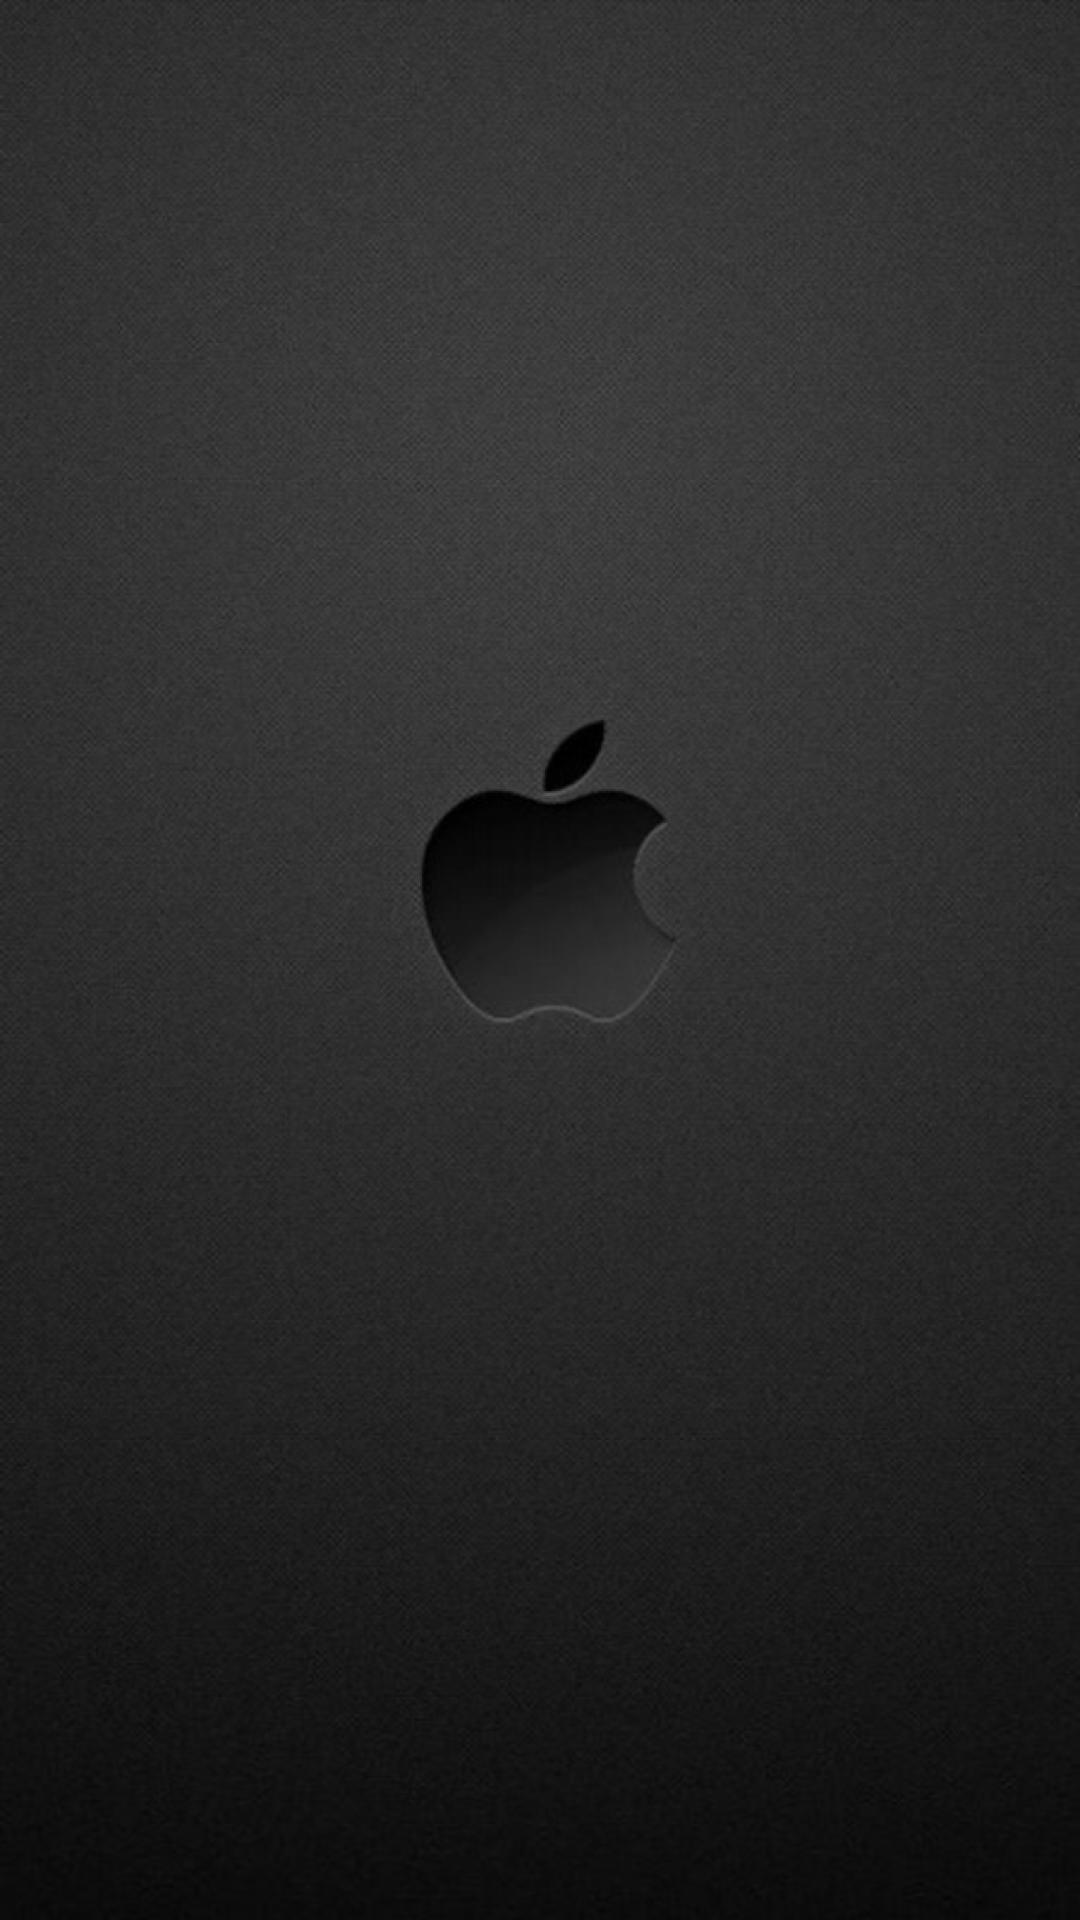 格好いいブラック壁紙 Iphone Wallpapers